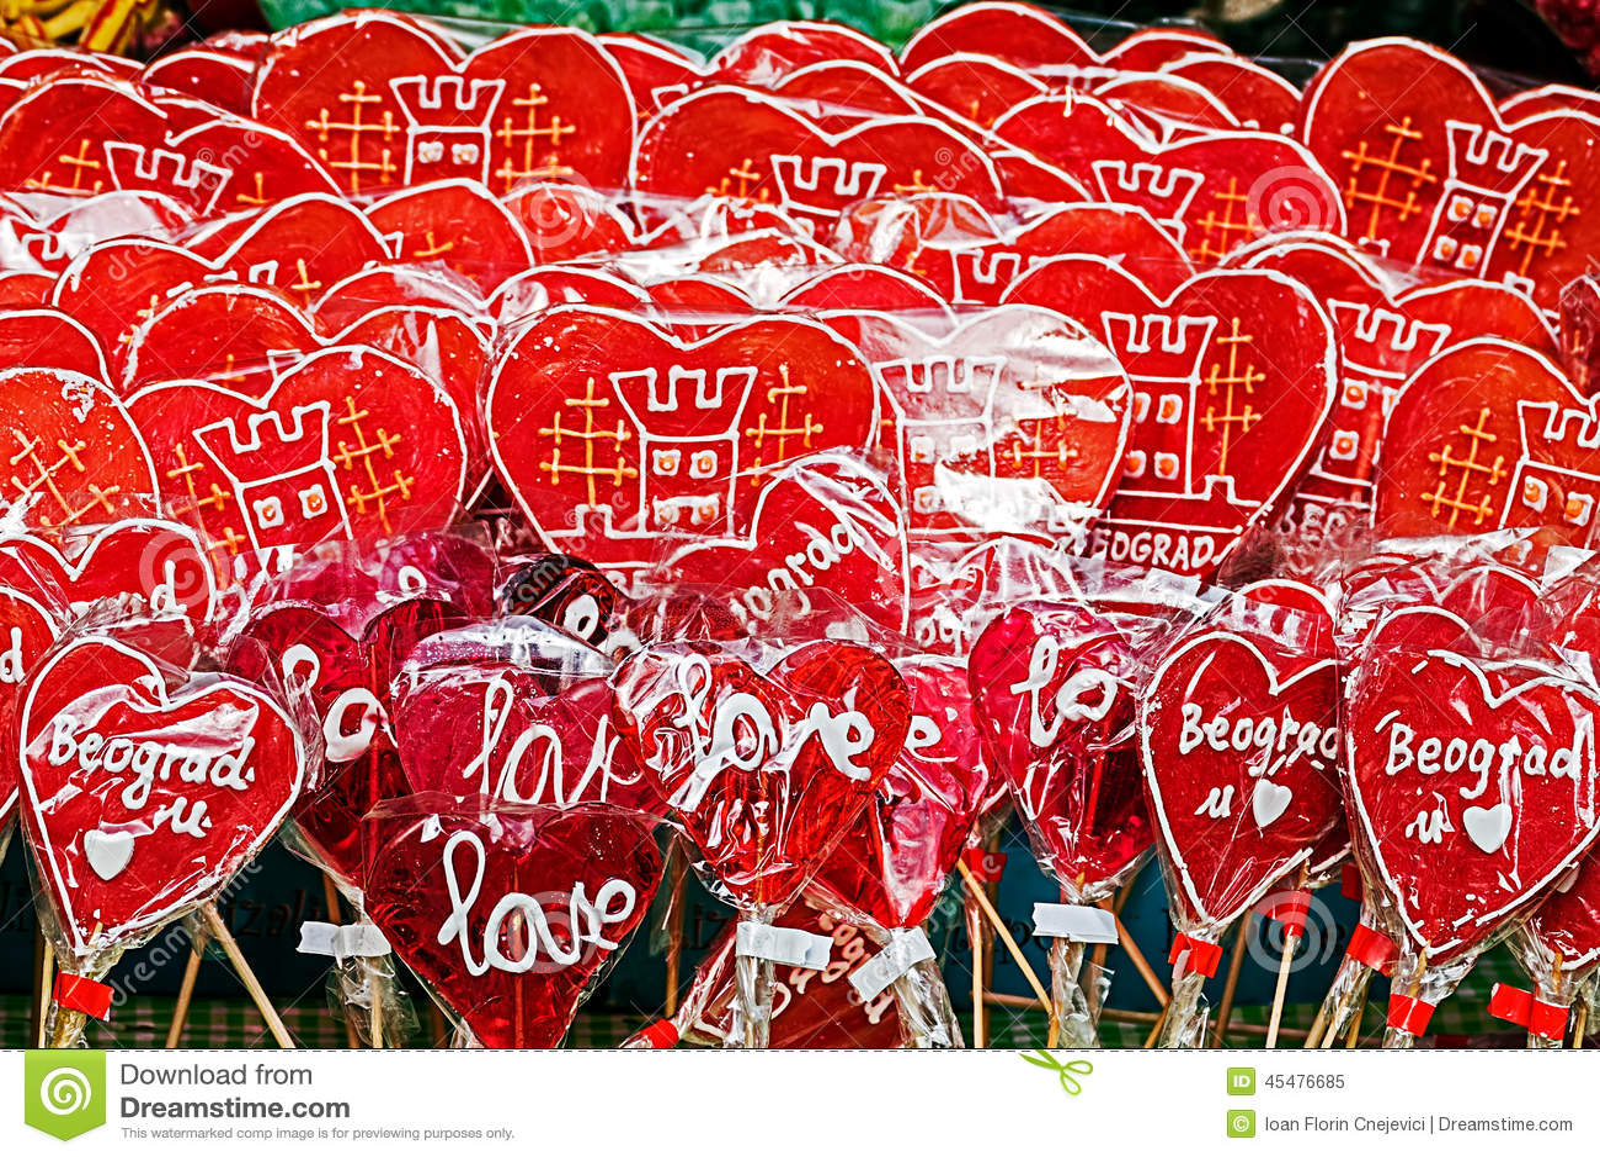 象征与贝尔格莱德的五颜六色的棒棒糖心脏